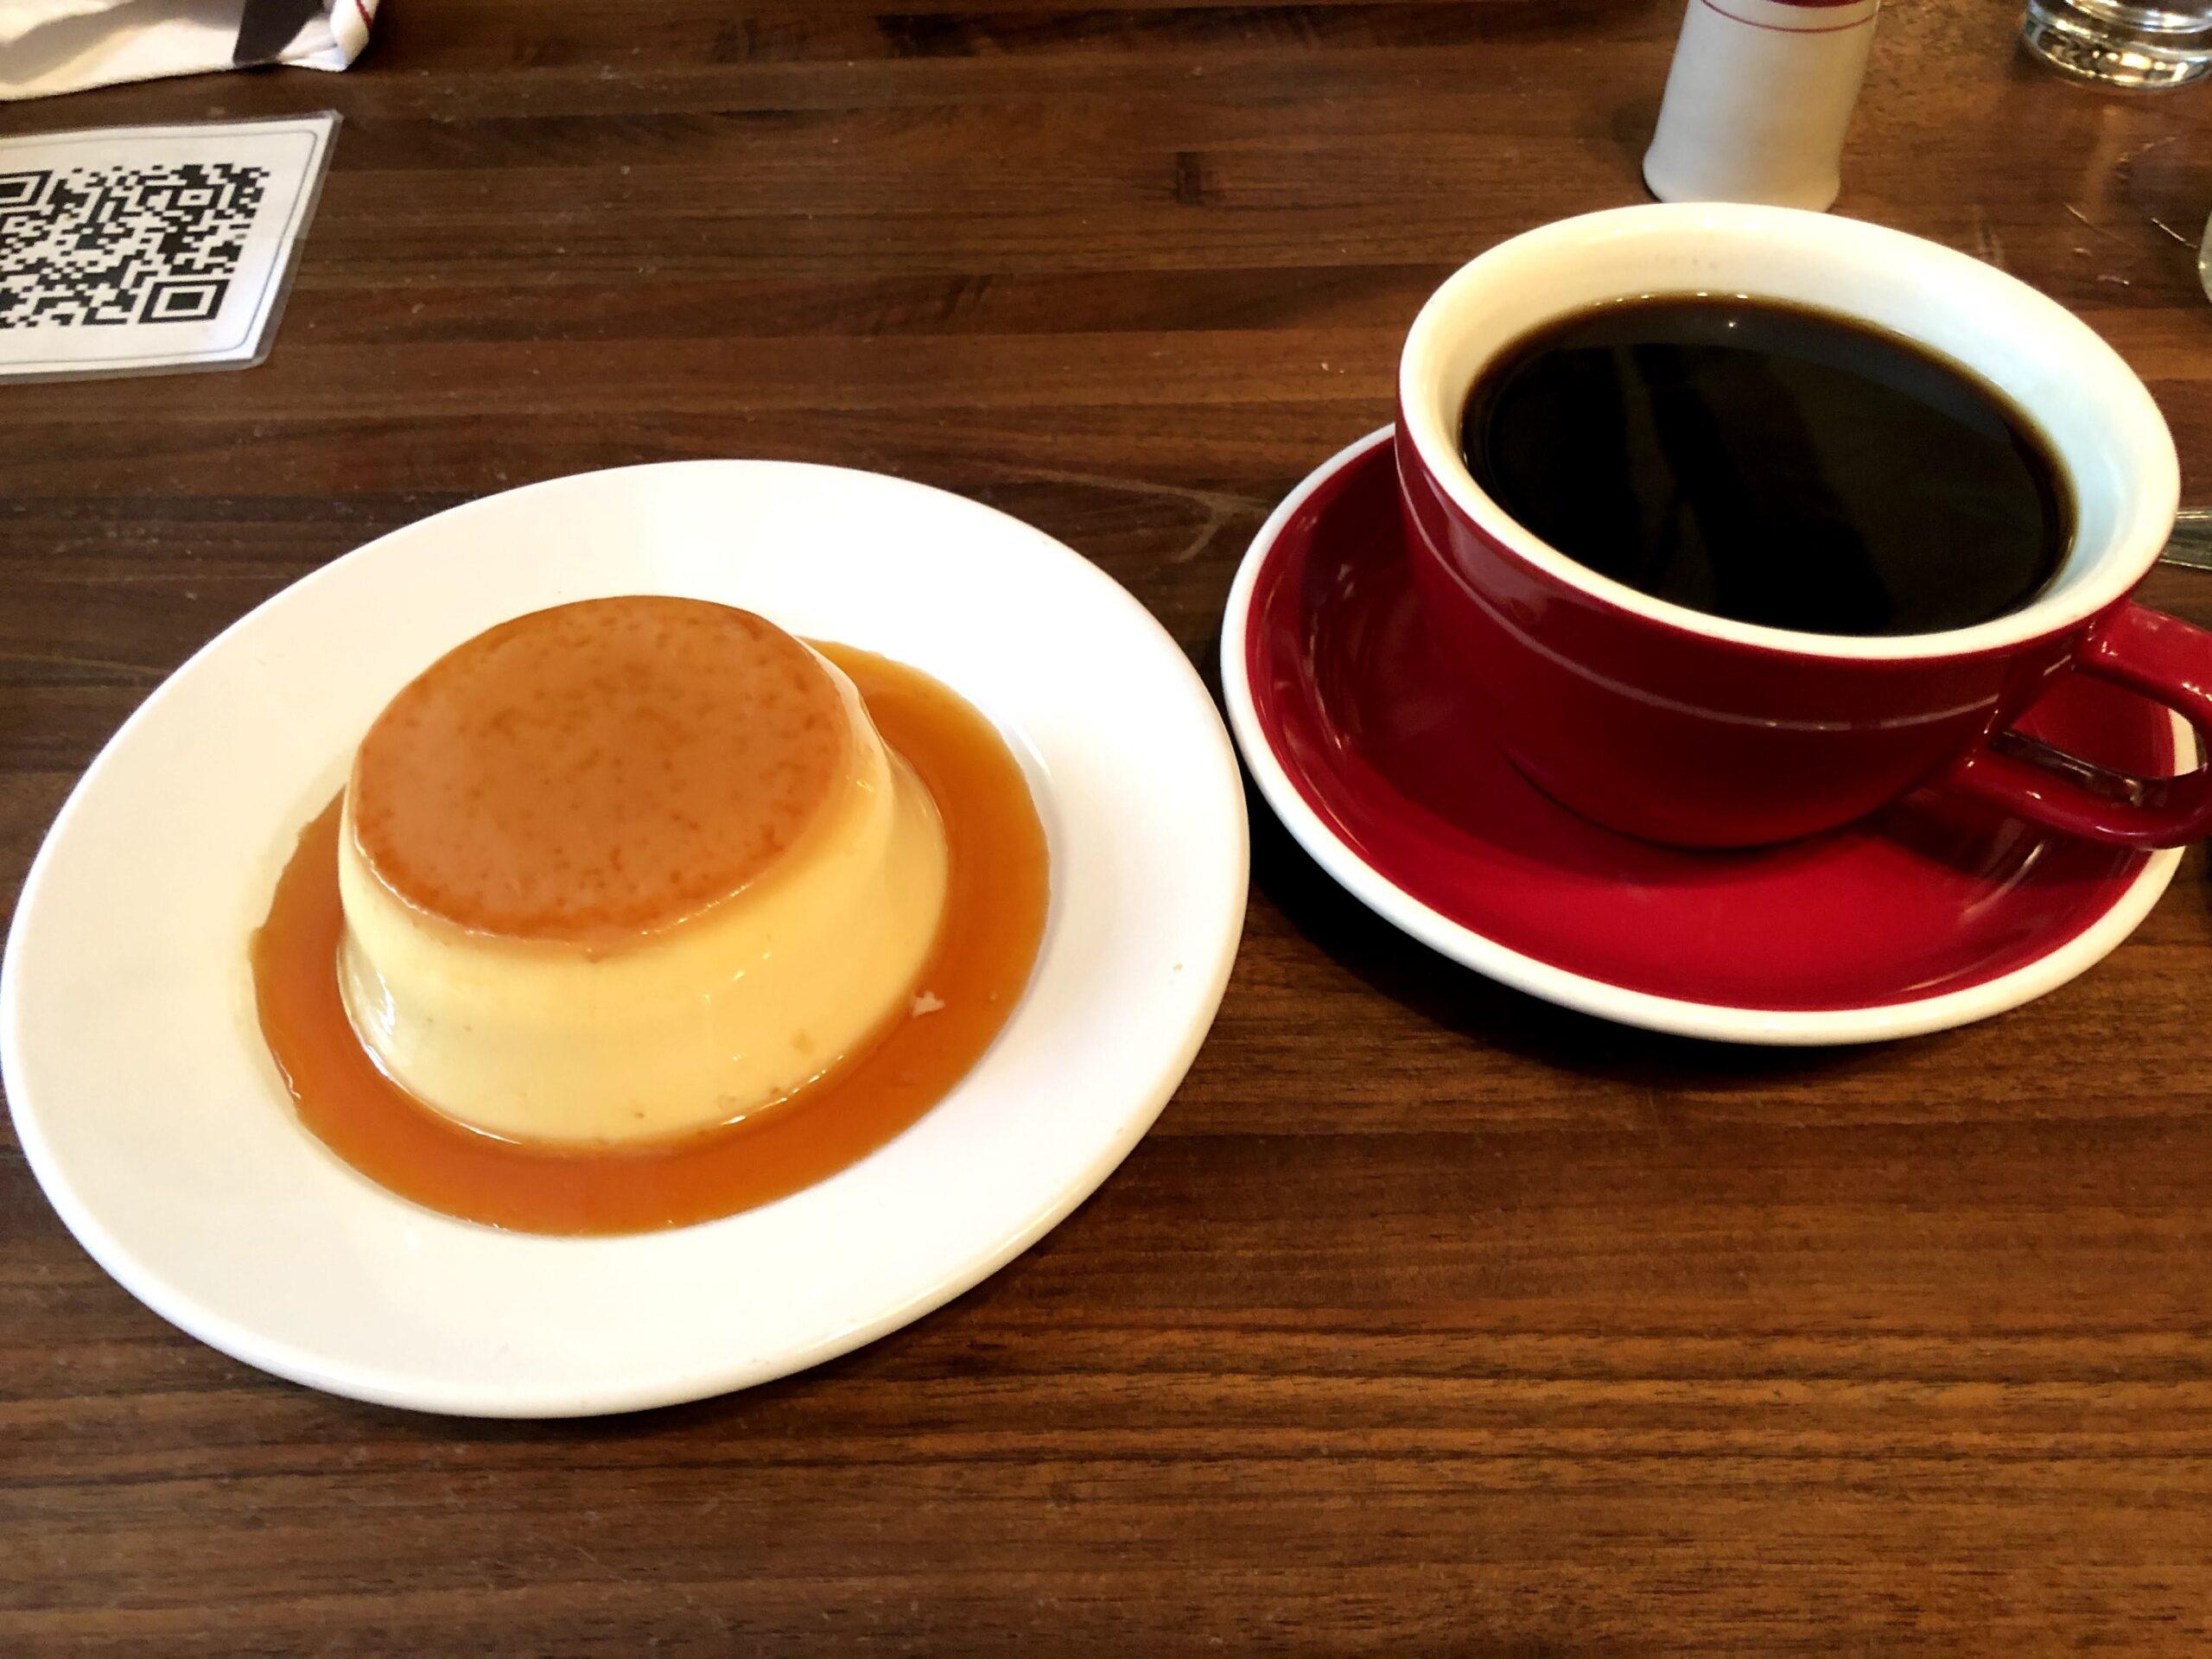 ラ・ボン・スープ デザートの写真